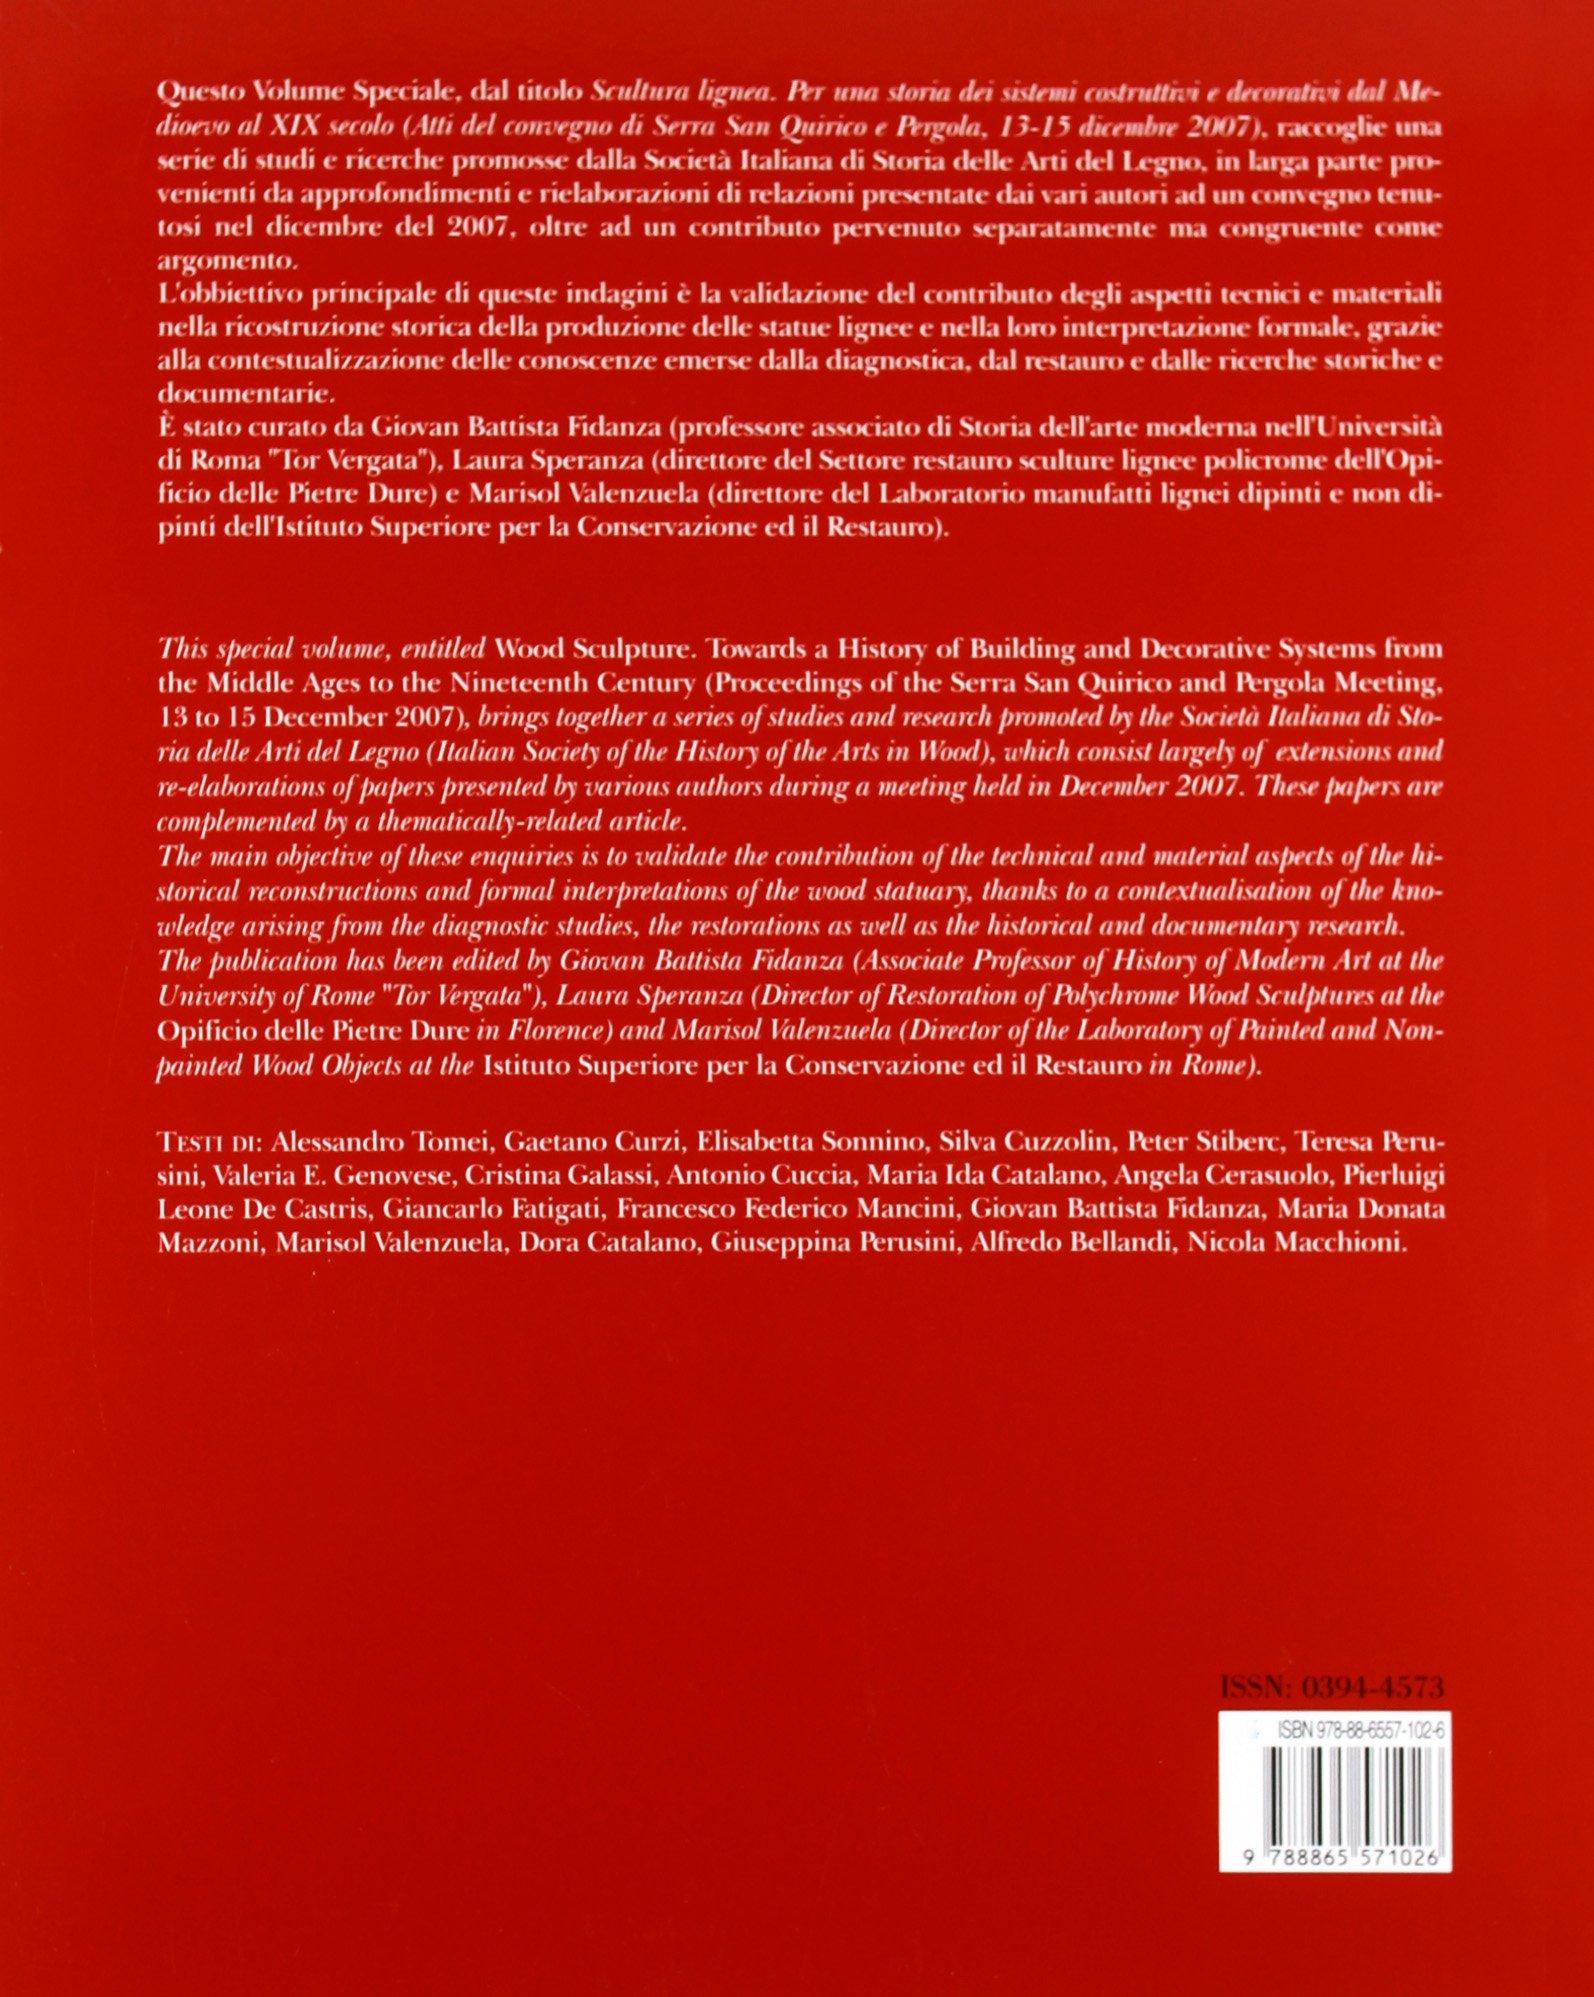 Bollettino darte 2011 . Scultura lignea. Per una storia dei sistemi costruttivi e decorativi dal Medioevo al XIX secolo: Amazon.es: Fidanza, G. B., Speranza, L., Valenzuela, M.: Libros en idiomas extranjeros